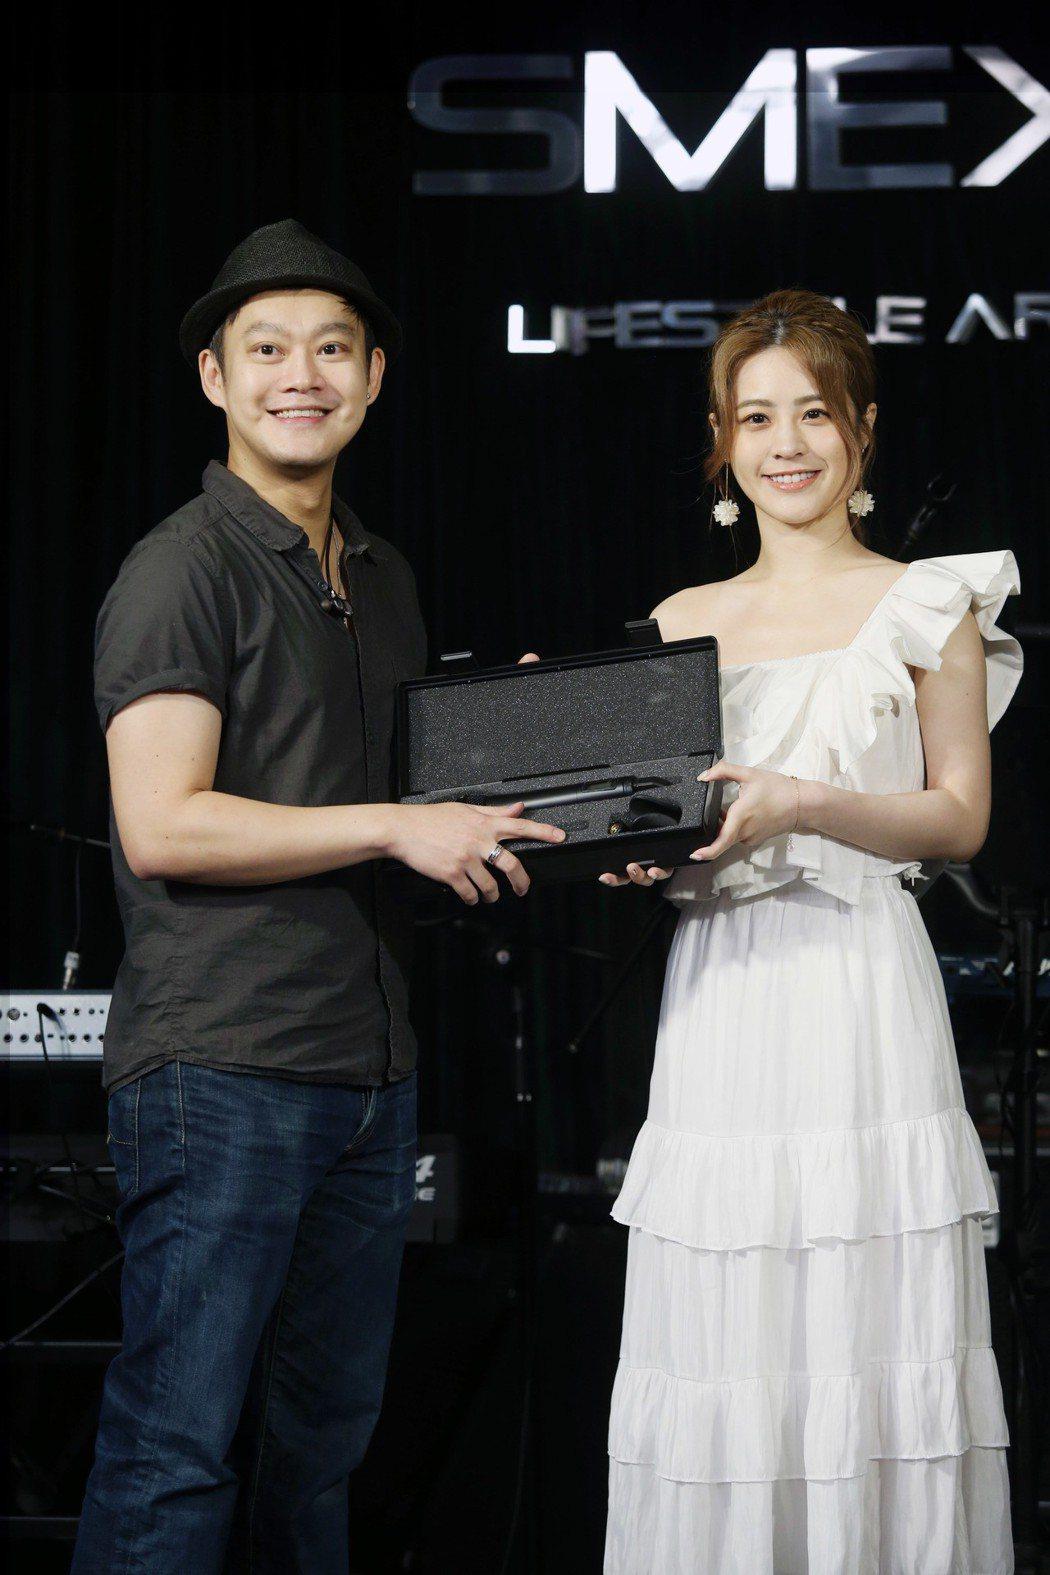 張語噥舉行新歌發表會,恩師劉偉德(左)送她一支演唱會專屬麥克風。記者邱德祥/攝影